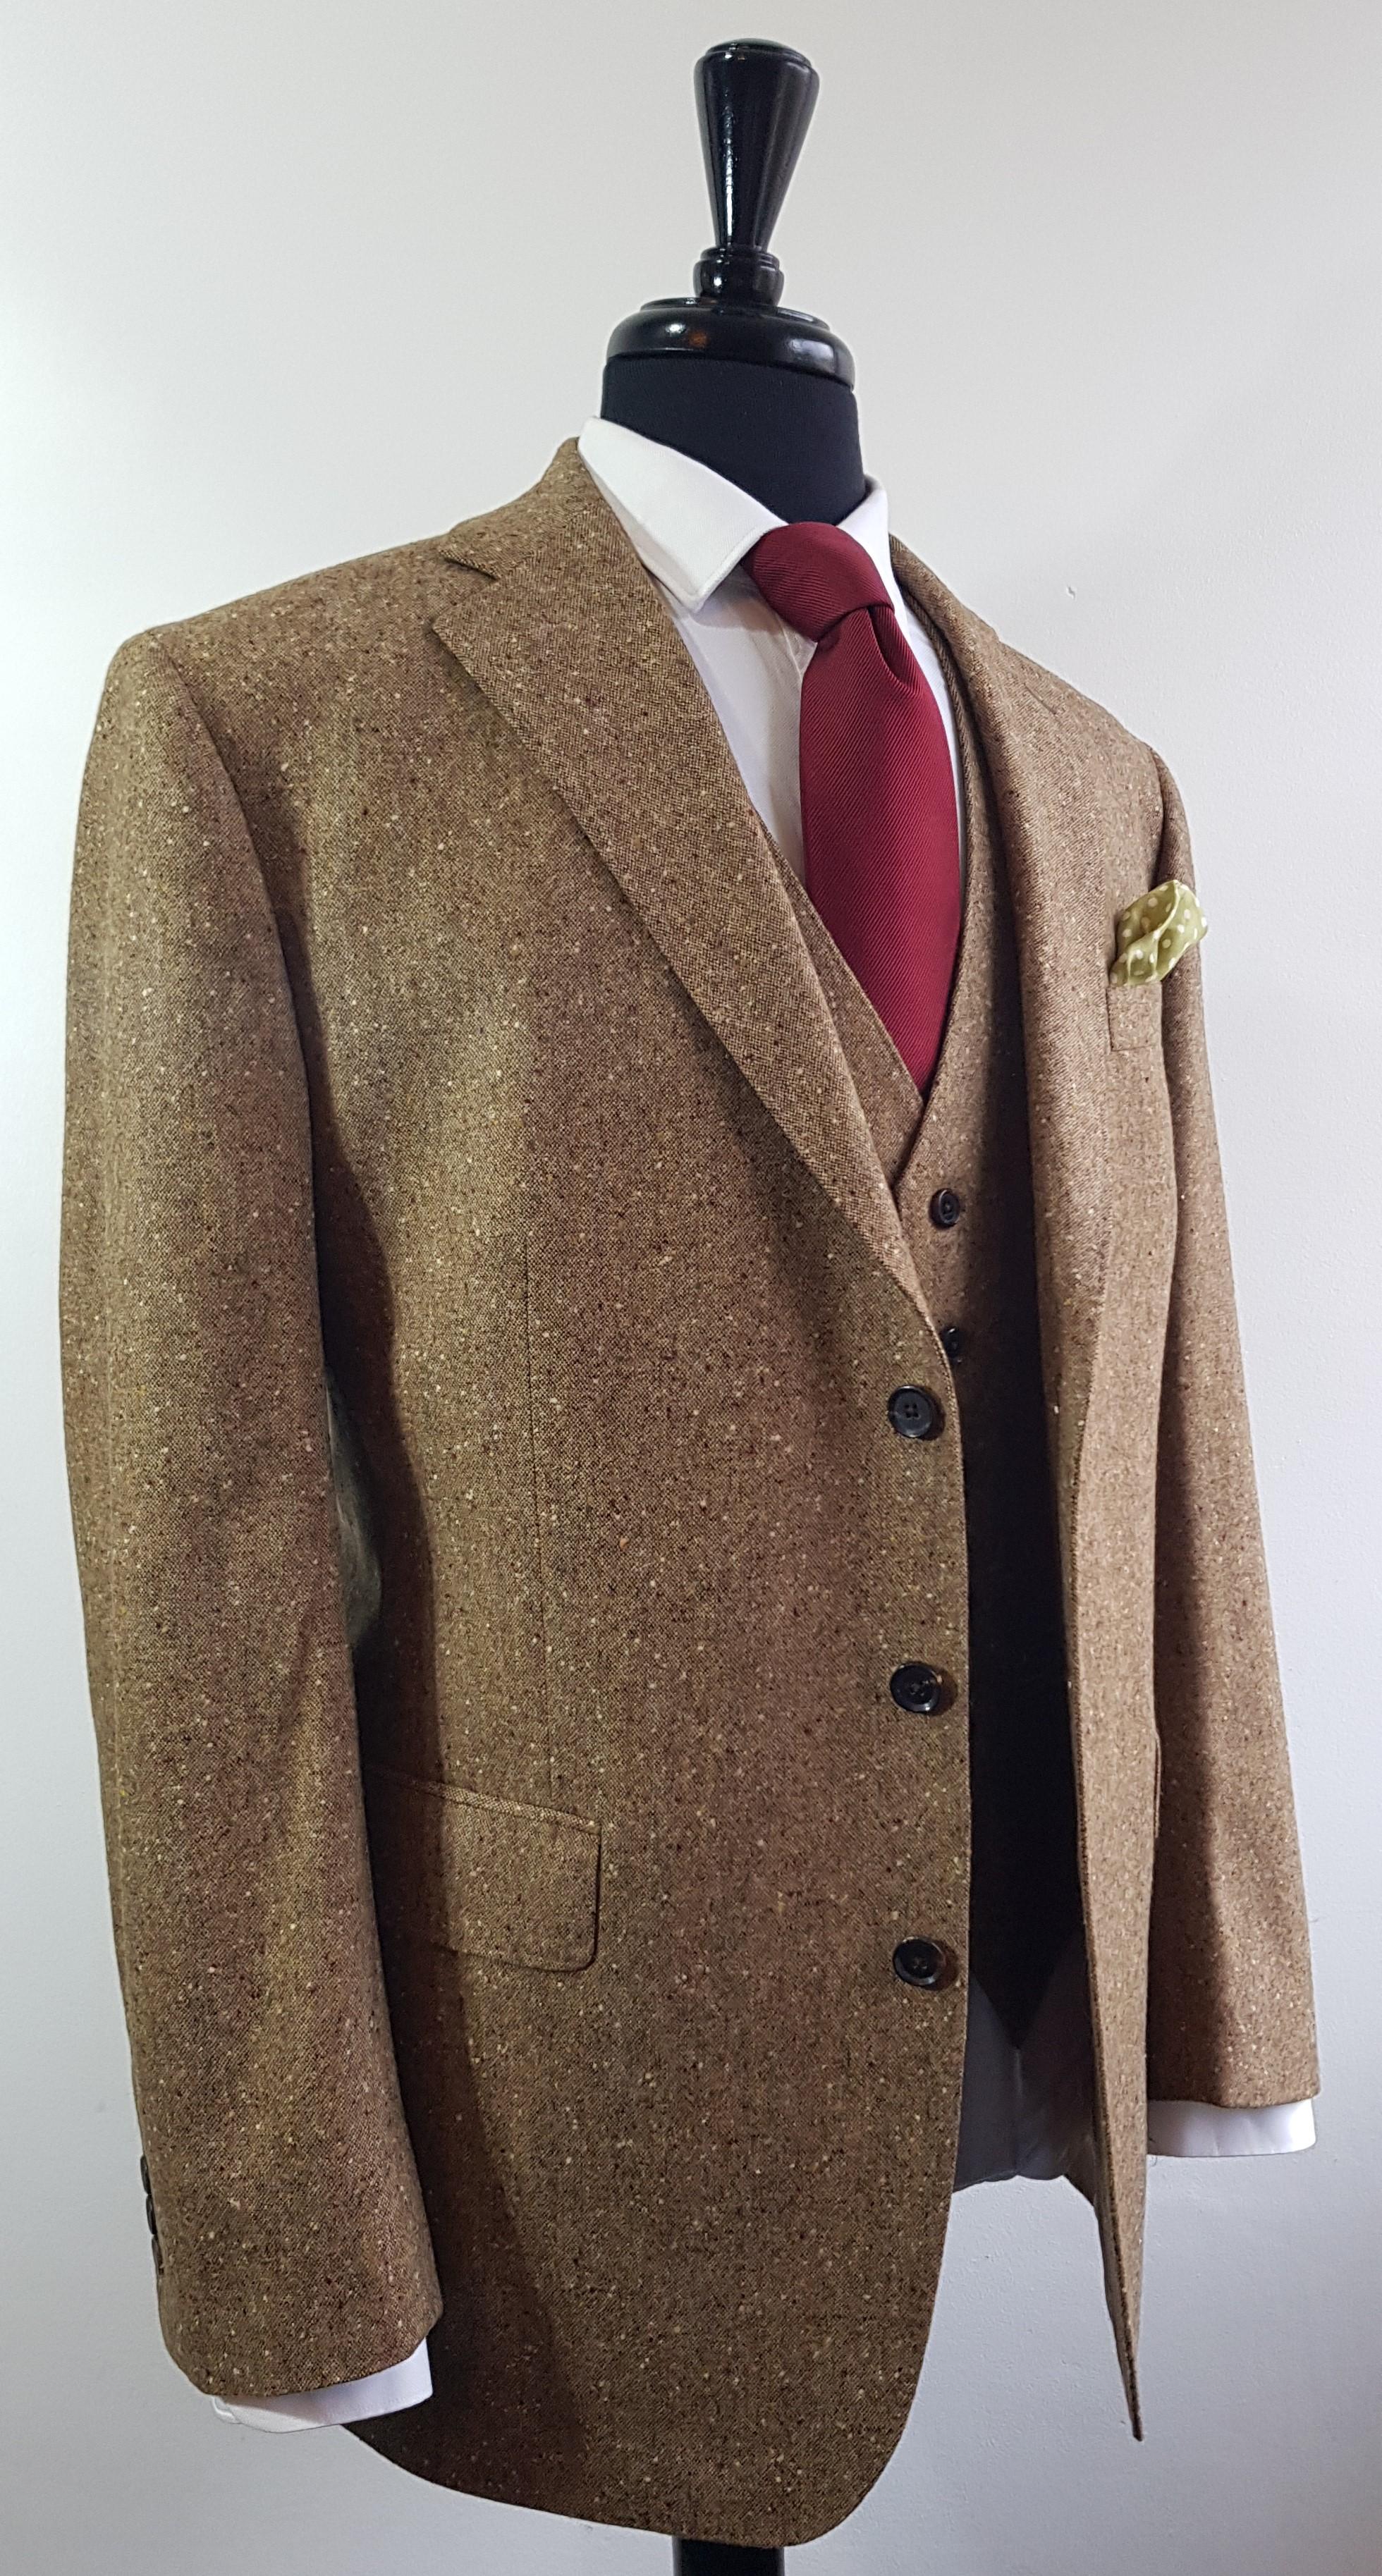 Brown Donegal 3 piece tweed suit (8).jpg